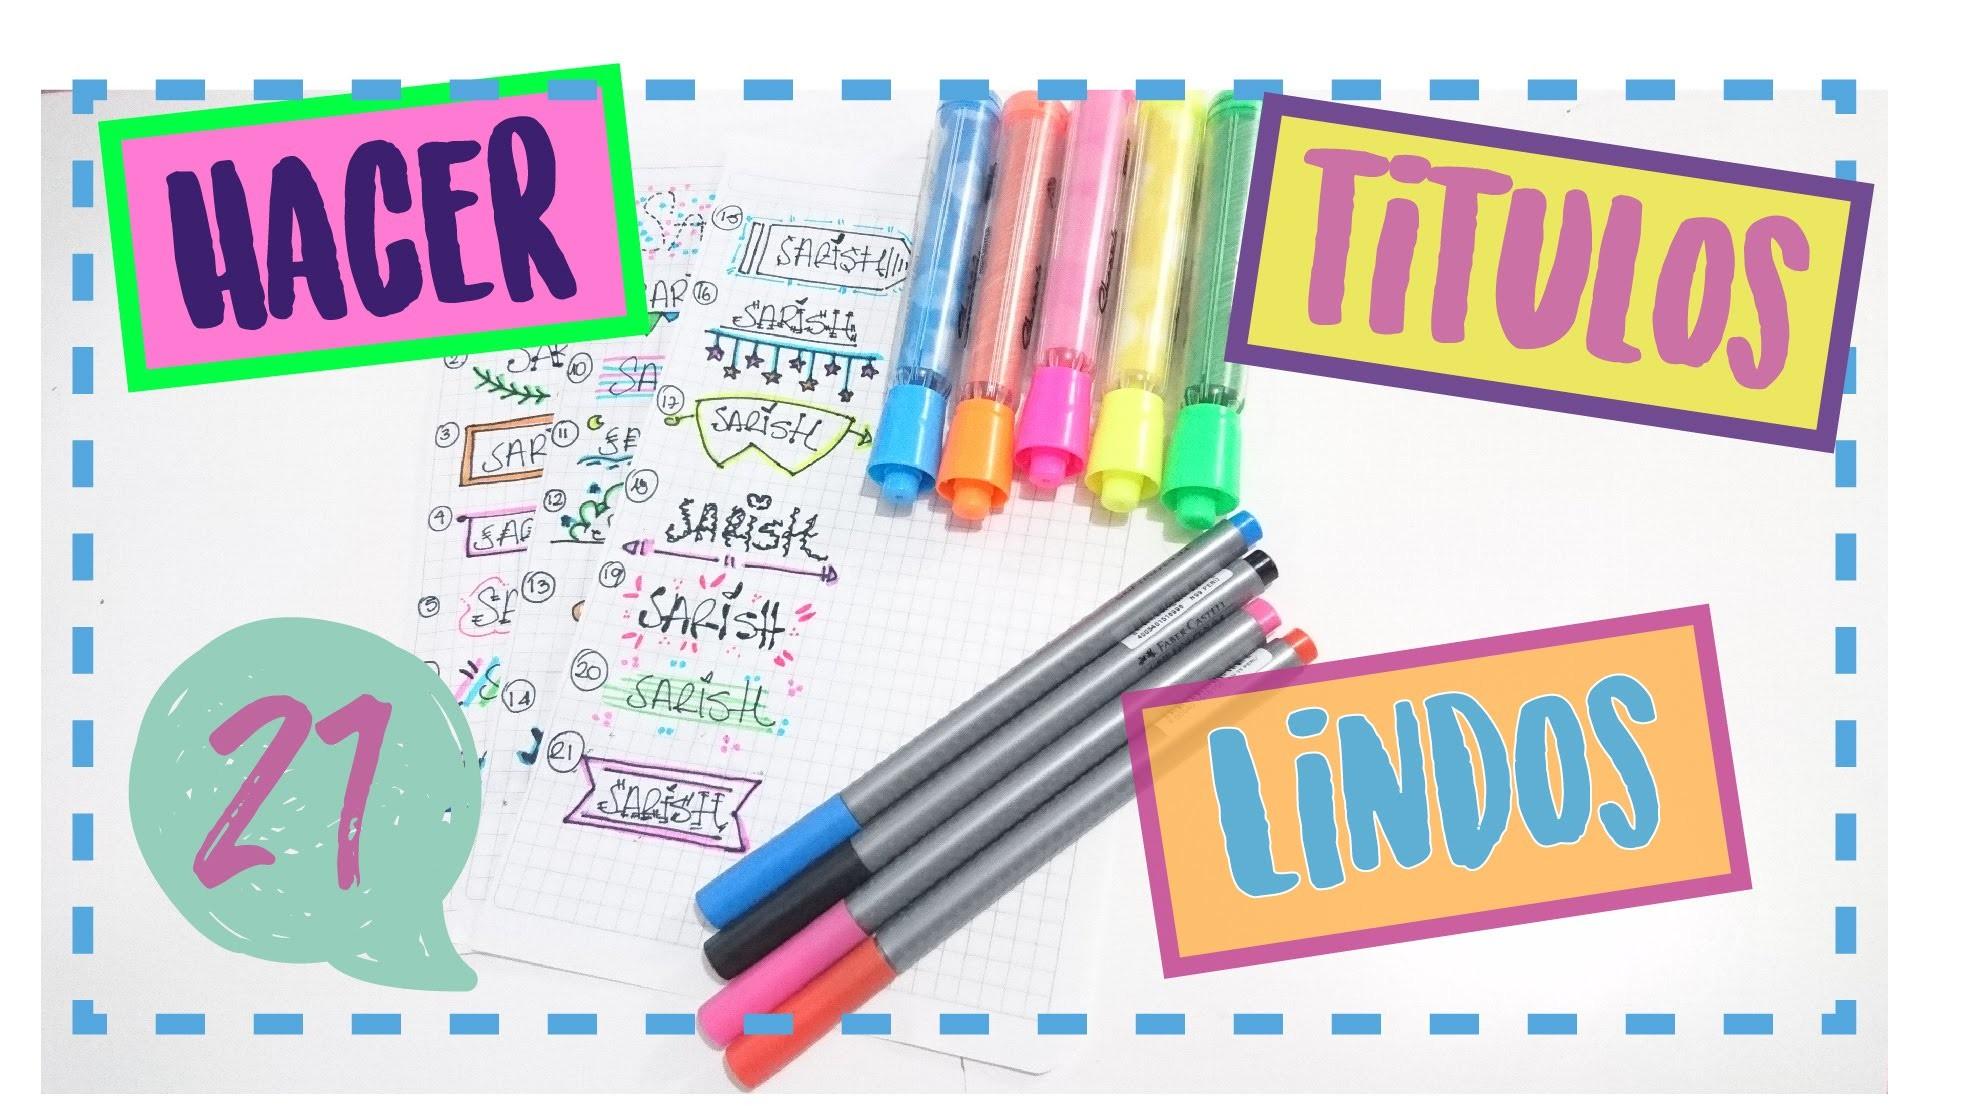 Ideas para hacer titulos bonitos my crafts and diy projects - Paginas web de decoracion ...